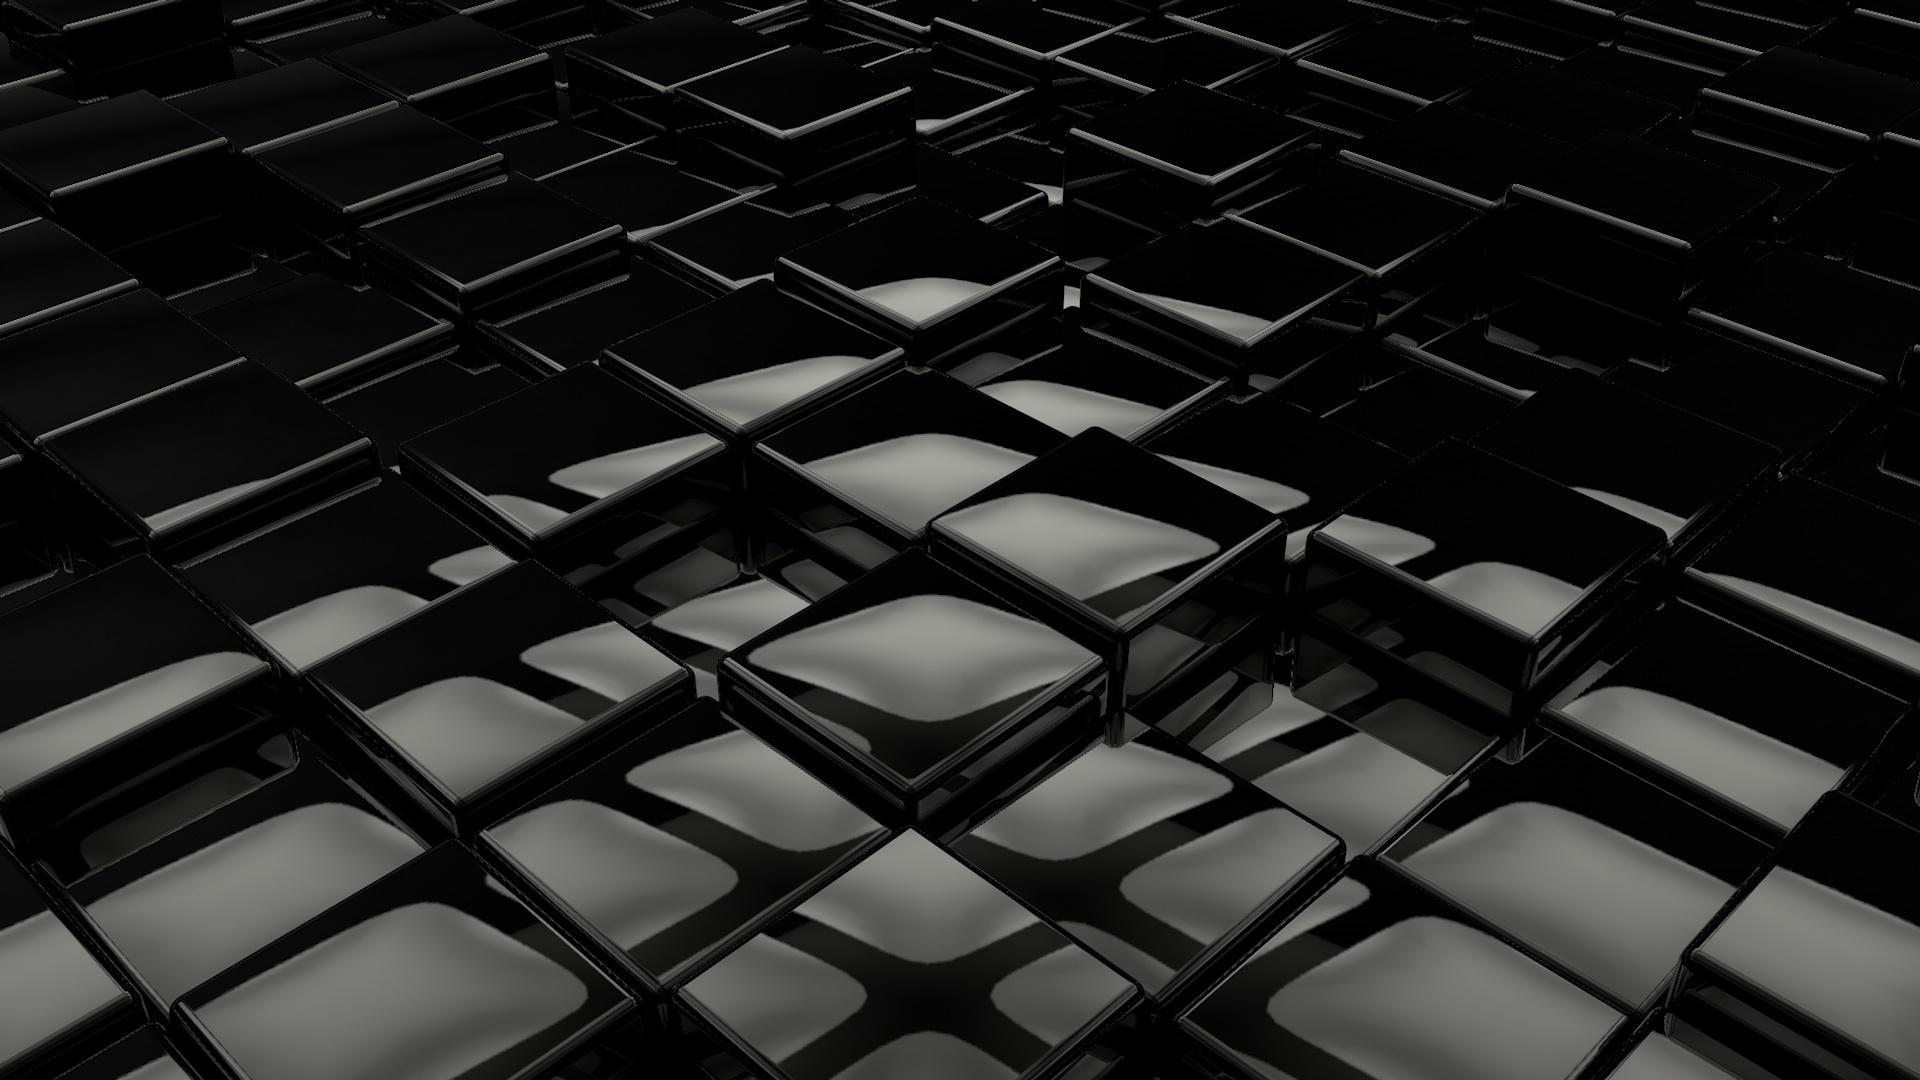 Фотобои для рабочего стола скачать бесплатно wallpapers обои